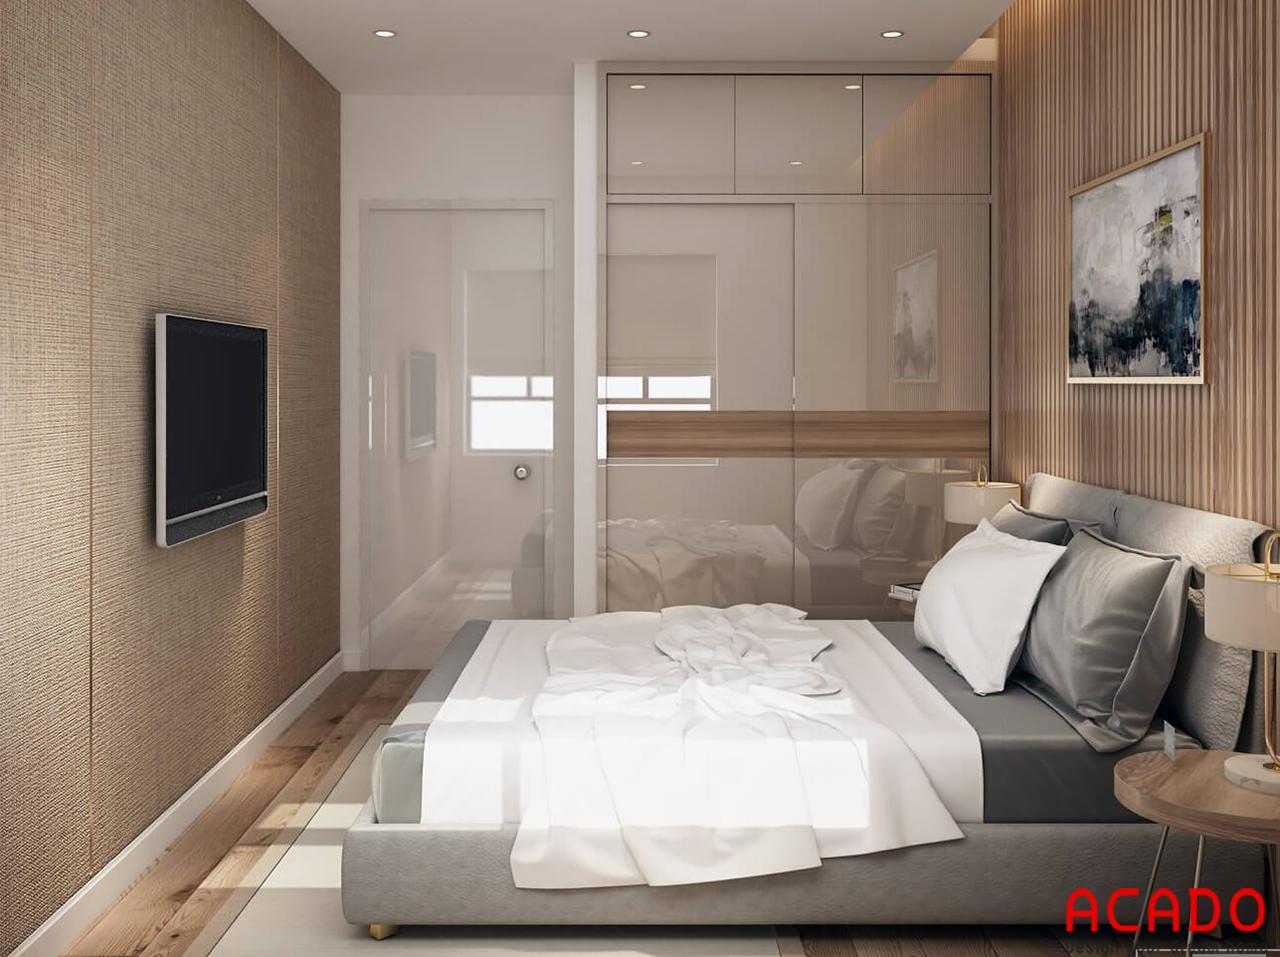 Phòng ngủ thiết kế đầy đủ tiện nghi - nội thất ACADO